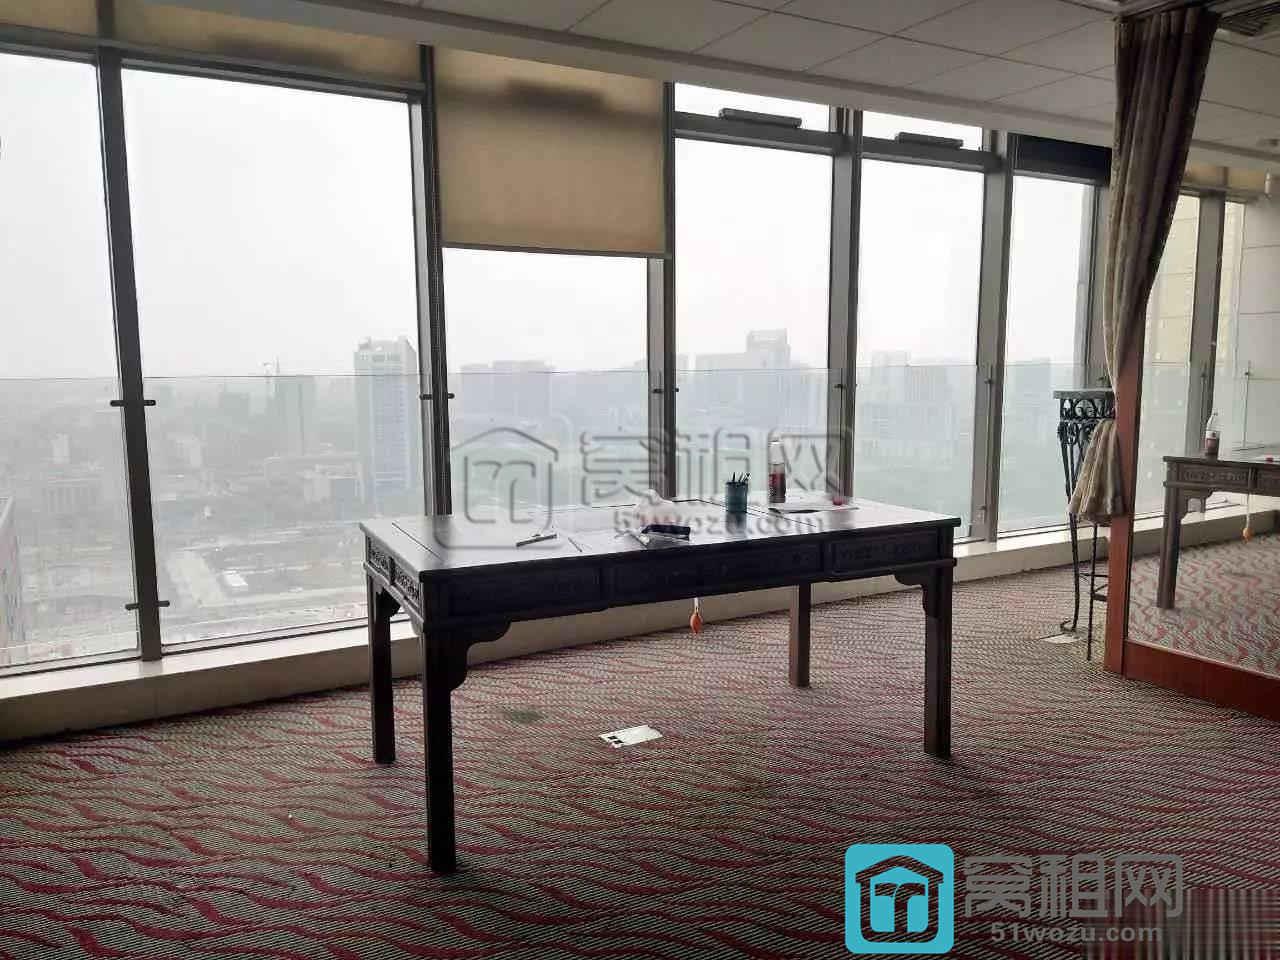 南部商务区核心位置宁波商会大厦400平米办公室出租